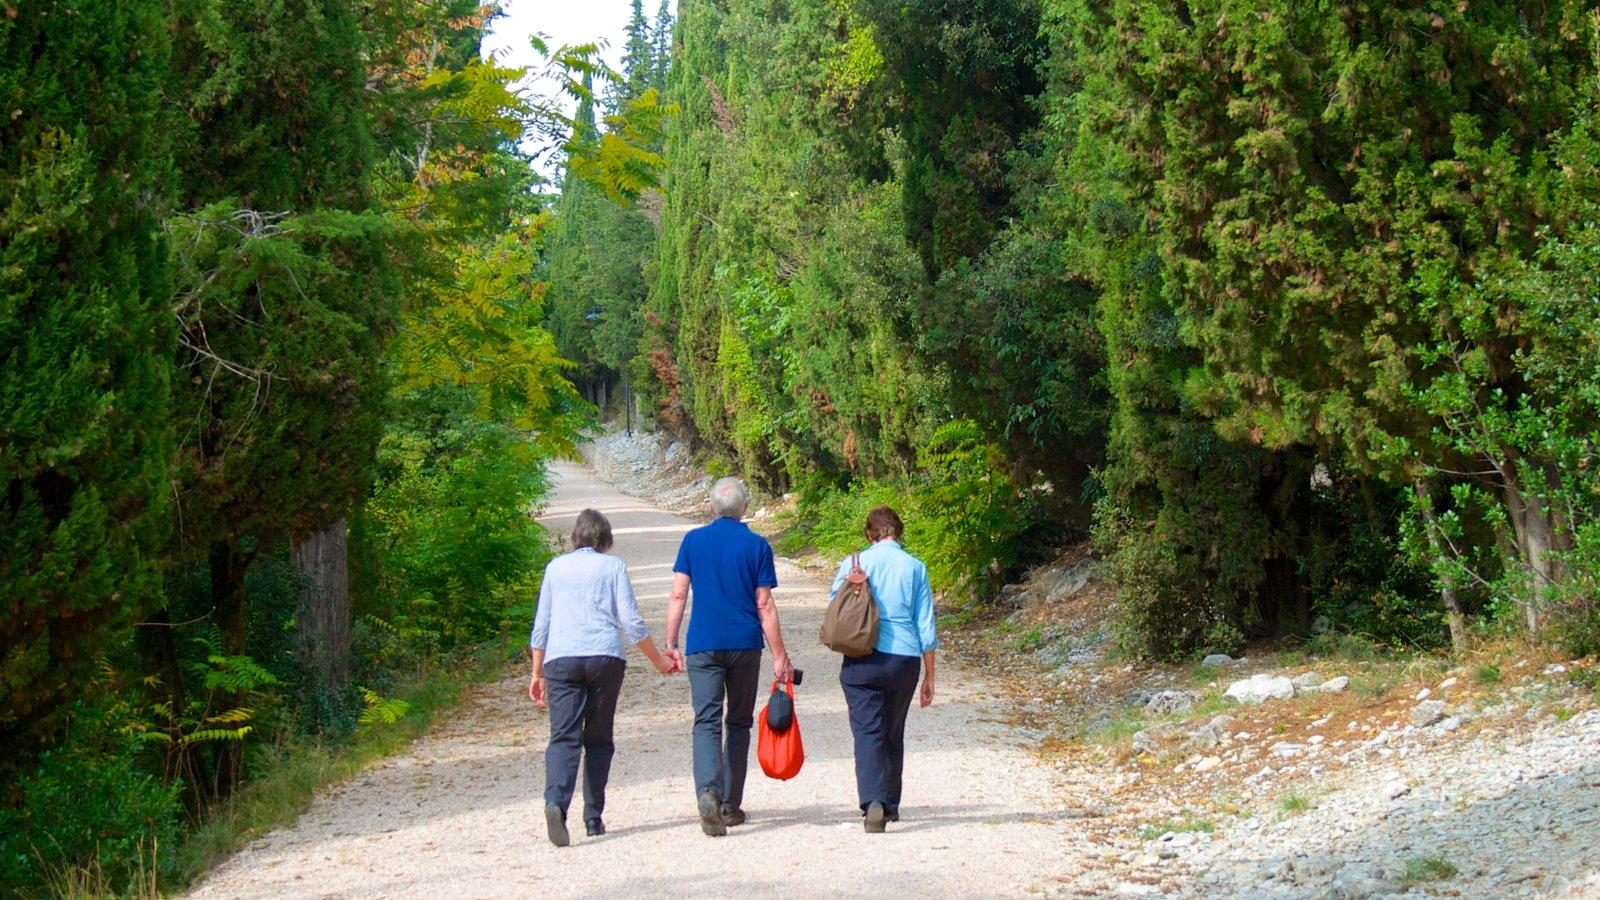 Gubbio ofreciendo escenas forestales y senderismo o caminata y también un pequeño grupo de personas